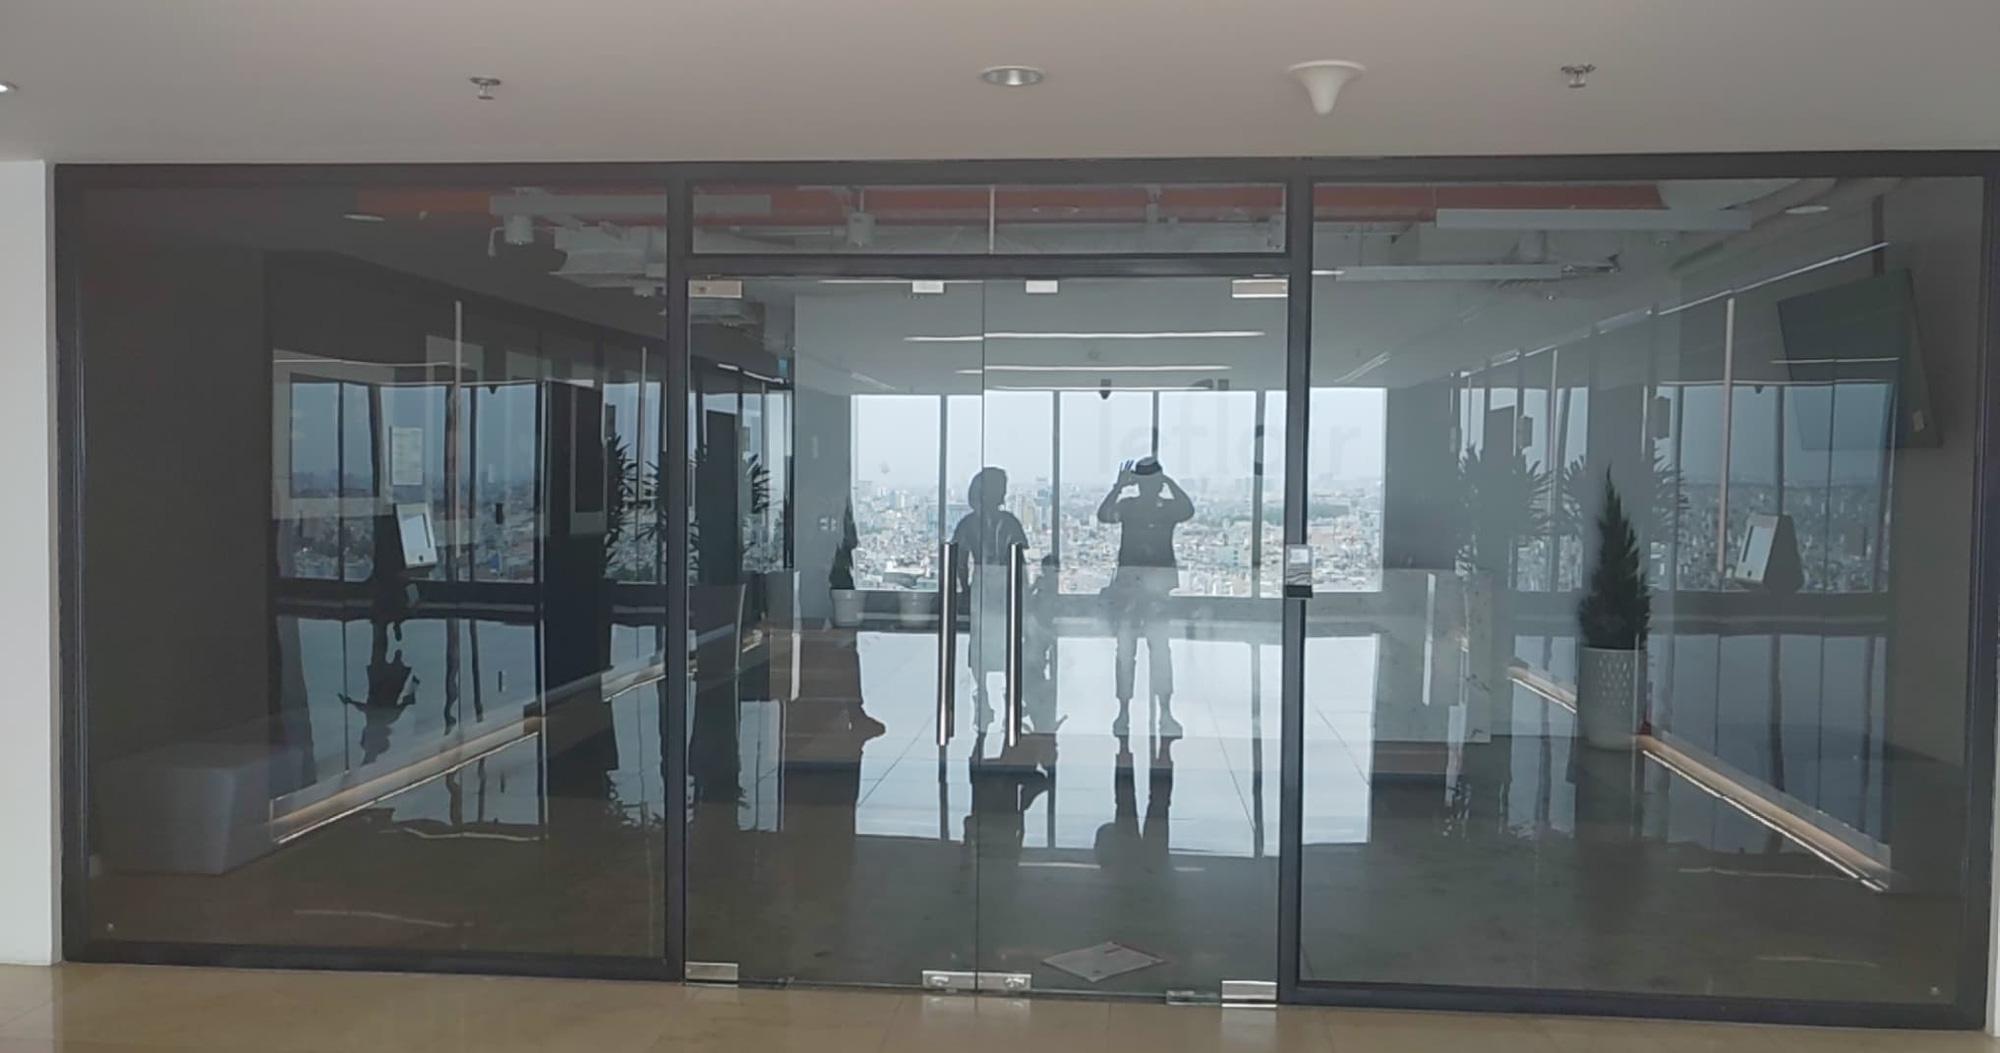 Website hàng hiệu Leflair đóng cửa, văn phòng không một bóng người, nhà cung cấp tố bị quỵt cả trăm tỉ đồng - Ảnh 2.